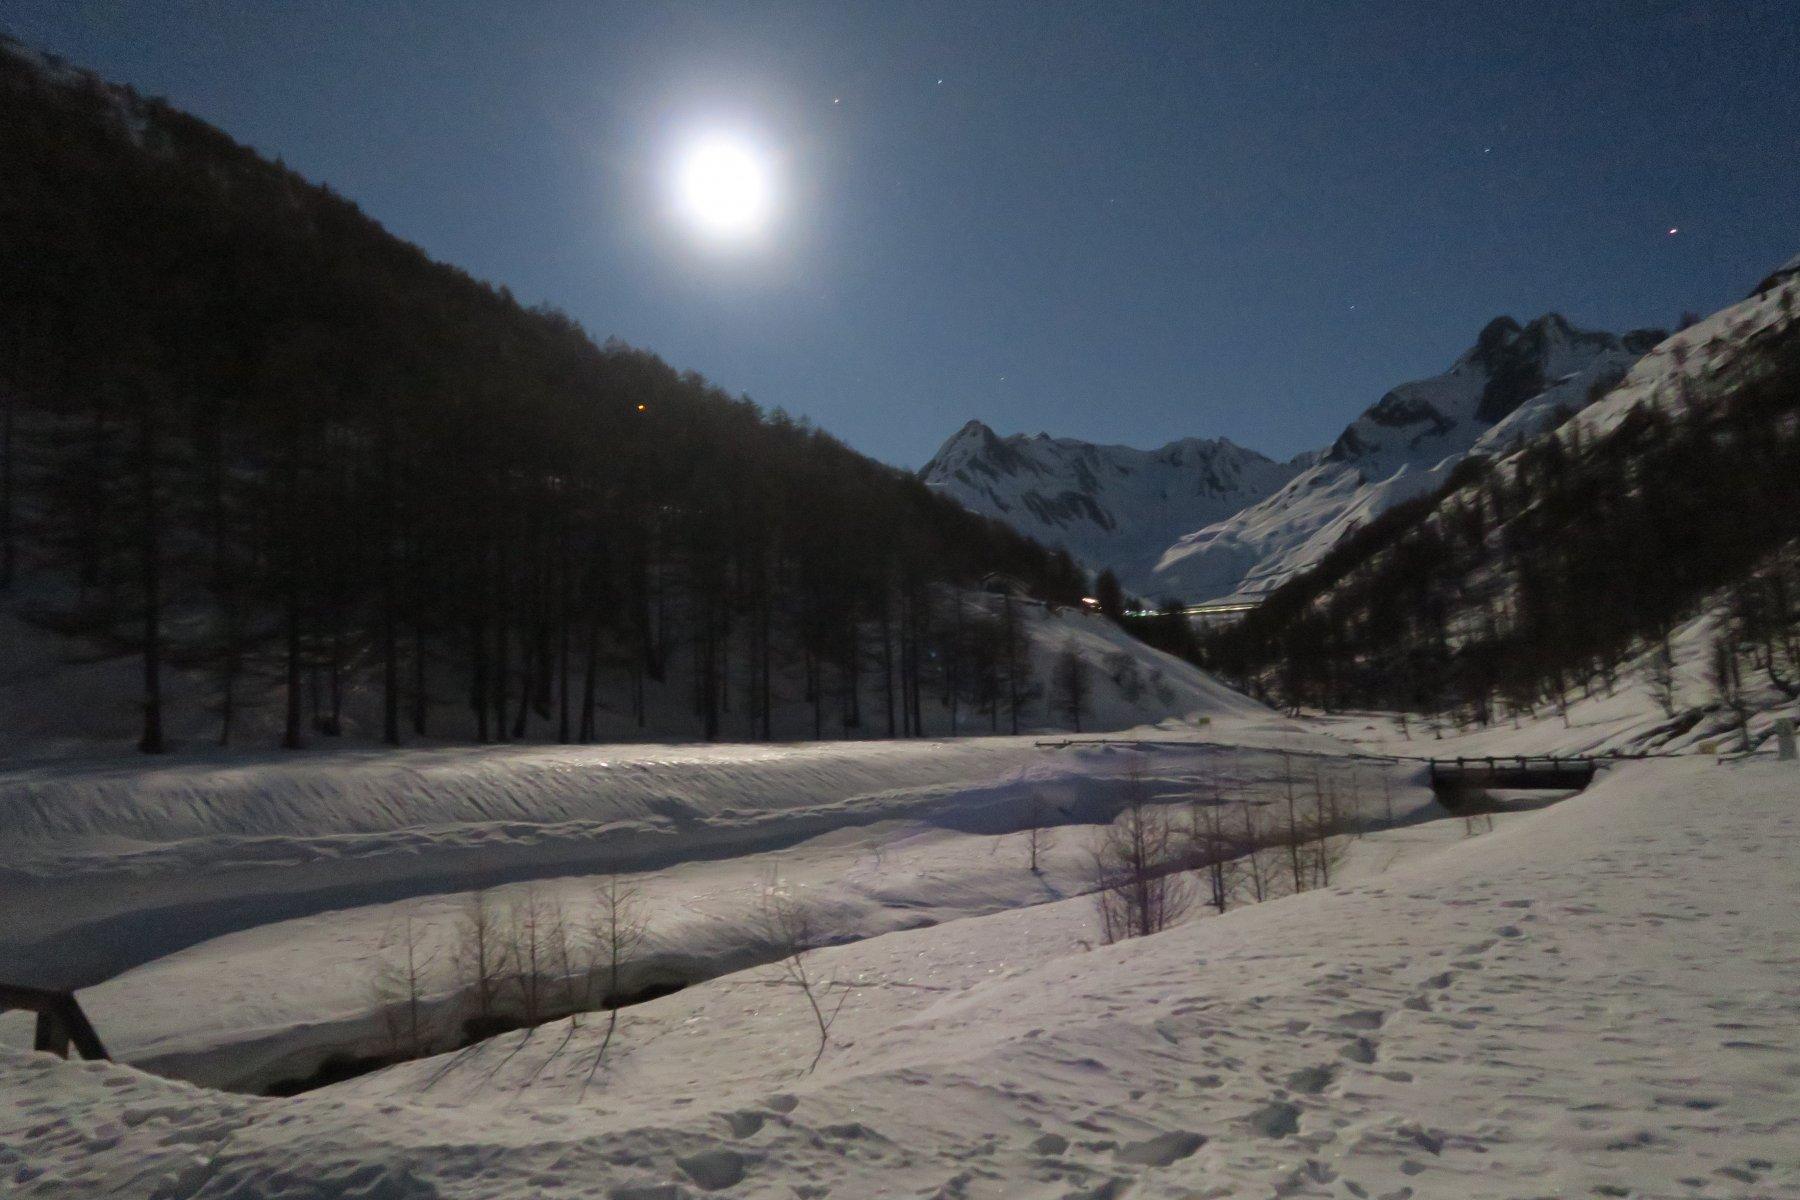 la luna illumina il percorso